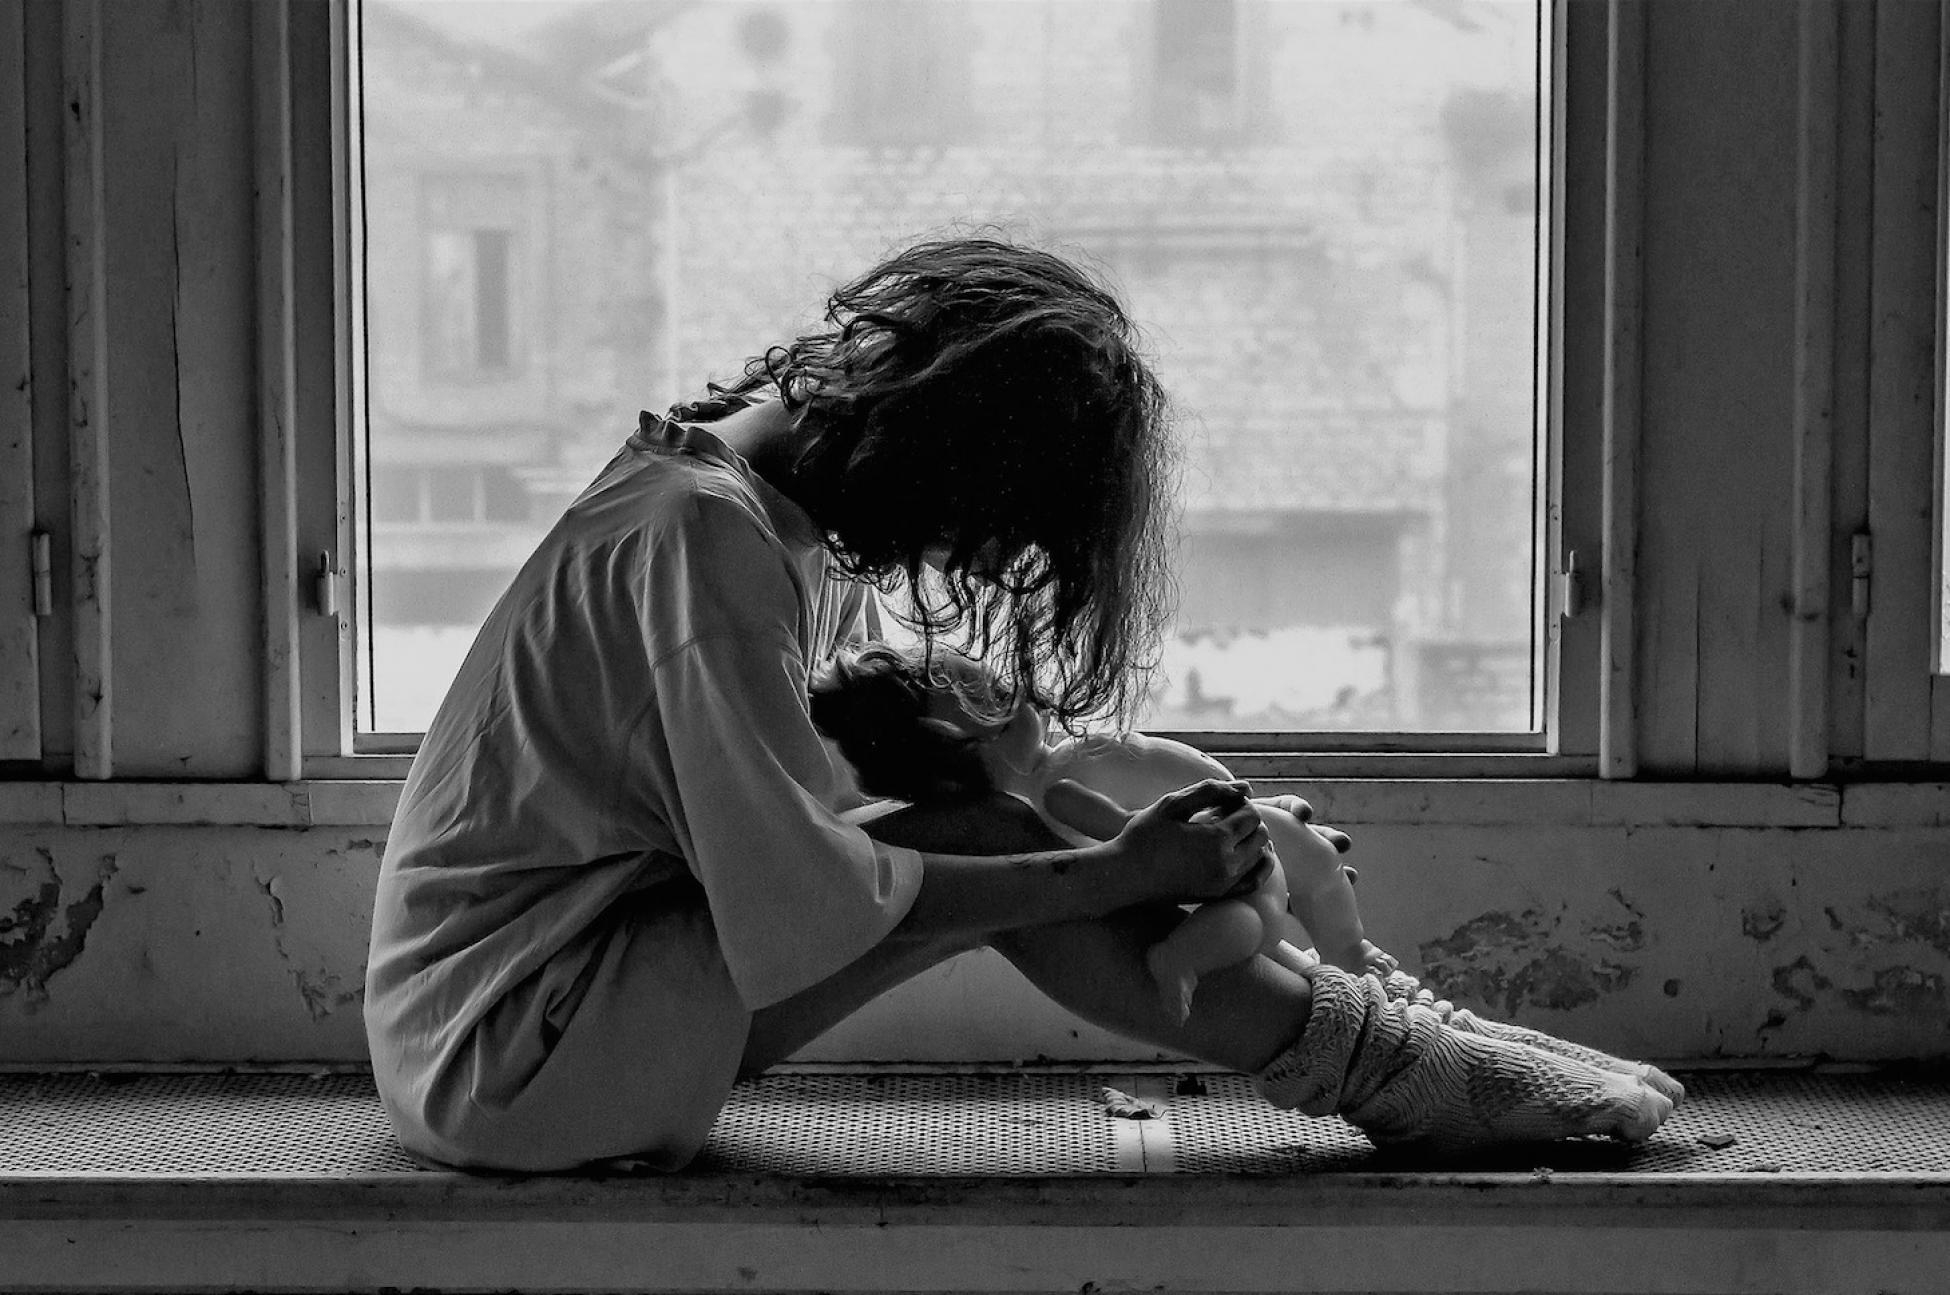 Anti-Trafficking Girl in Window